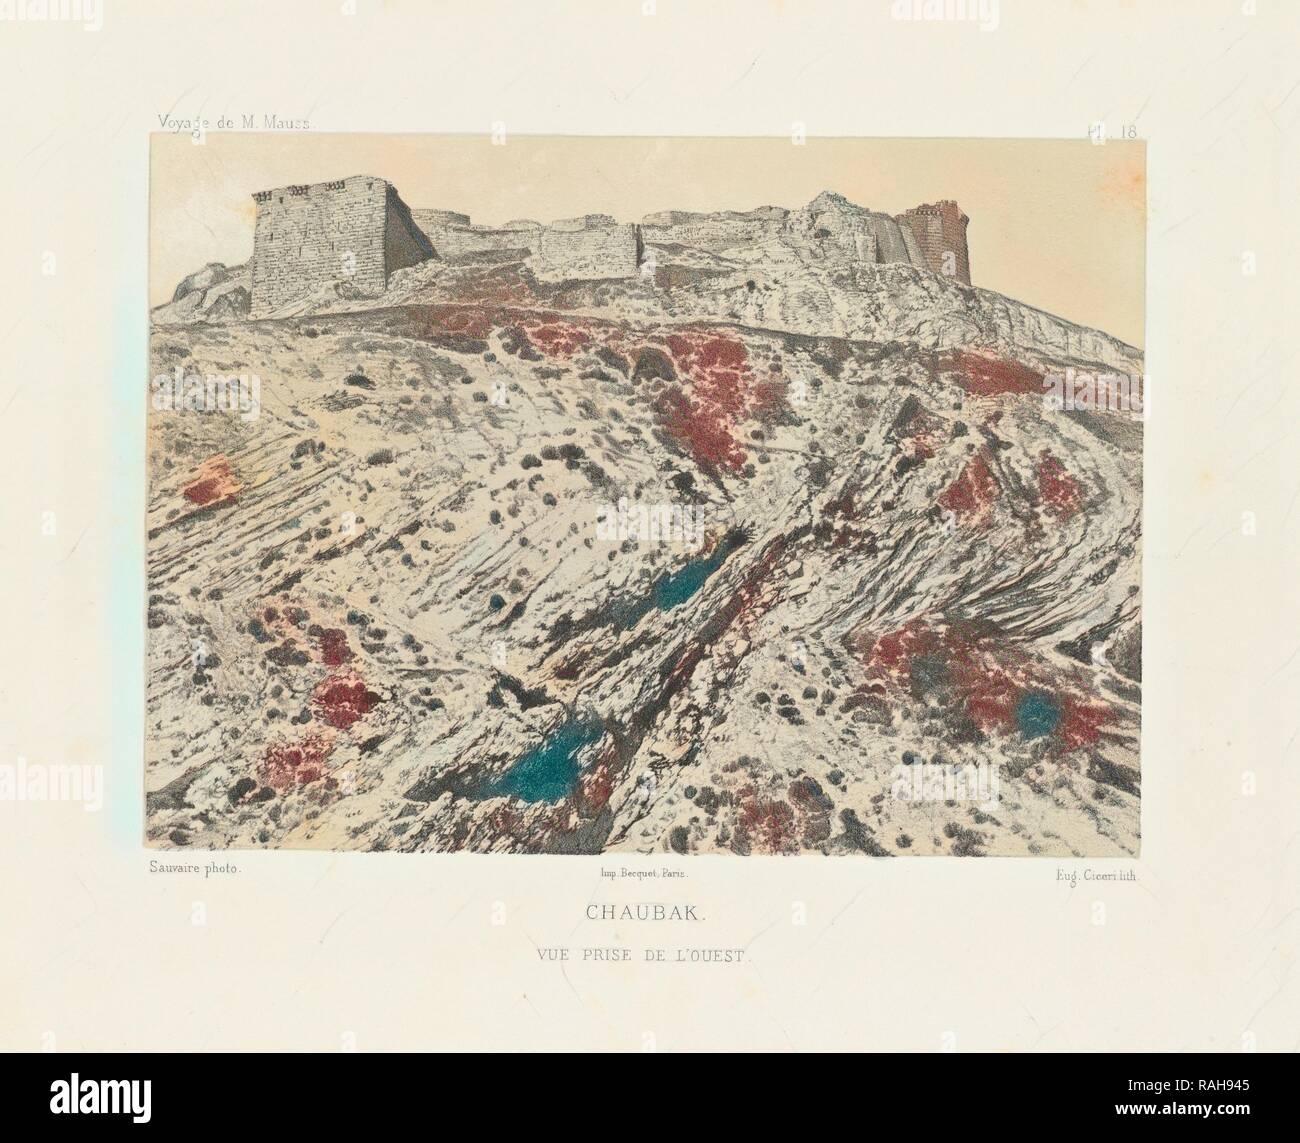 Chaubak, Voyage d'exploration à la mer Morte, à Petra, et sur la rive gauche du Jourdain, Albert, Honoré Paul Joseph reimagined - Stock Image